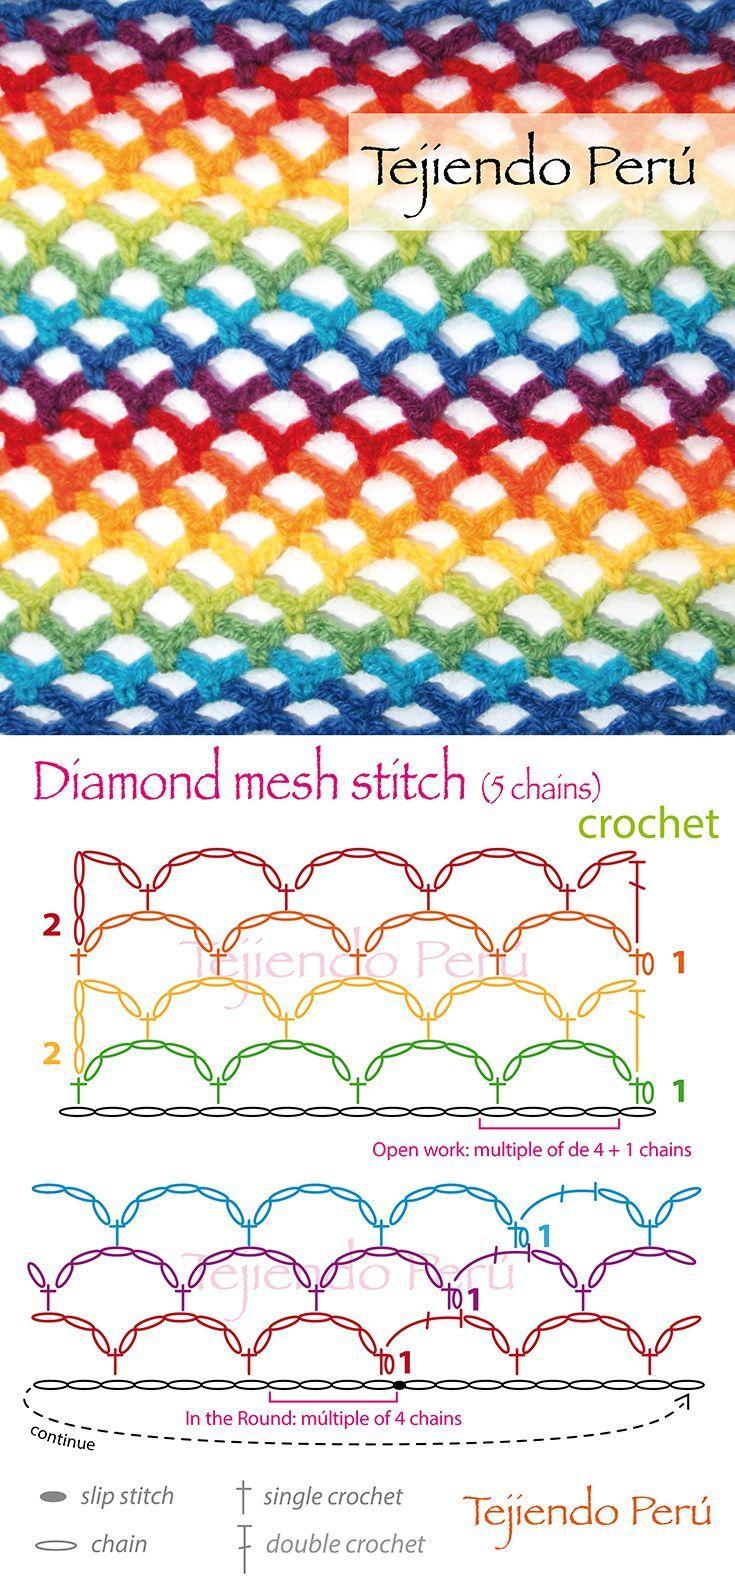 Crochet Stitches + Diagrams | Häkelmuster, Häkeln und Muster